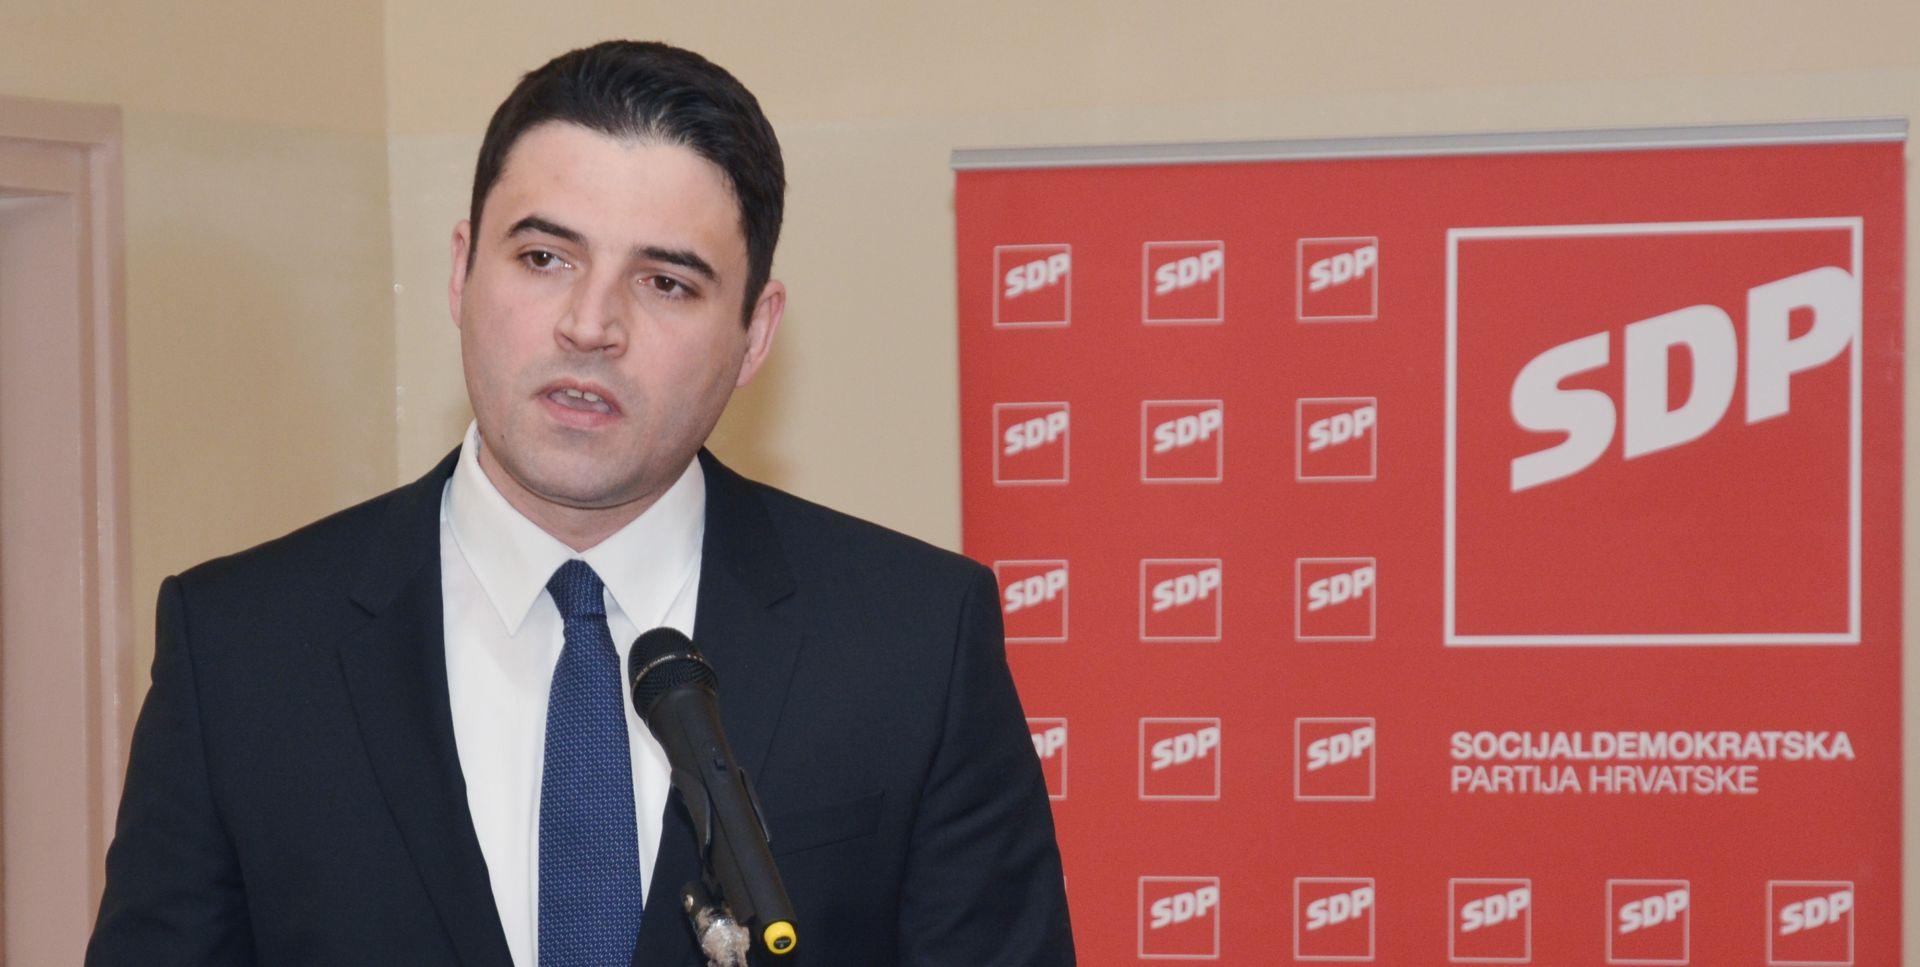 Bernardić uvjeren u dogovor oko kandidata za gradonačelnika Zagreba